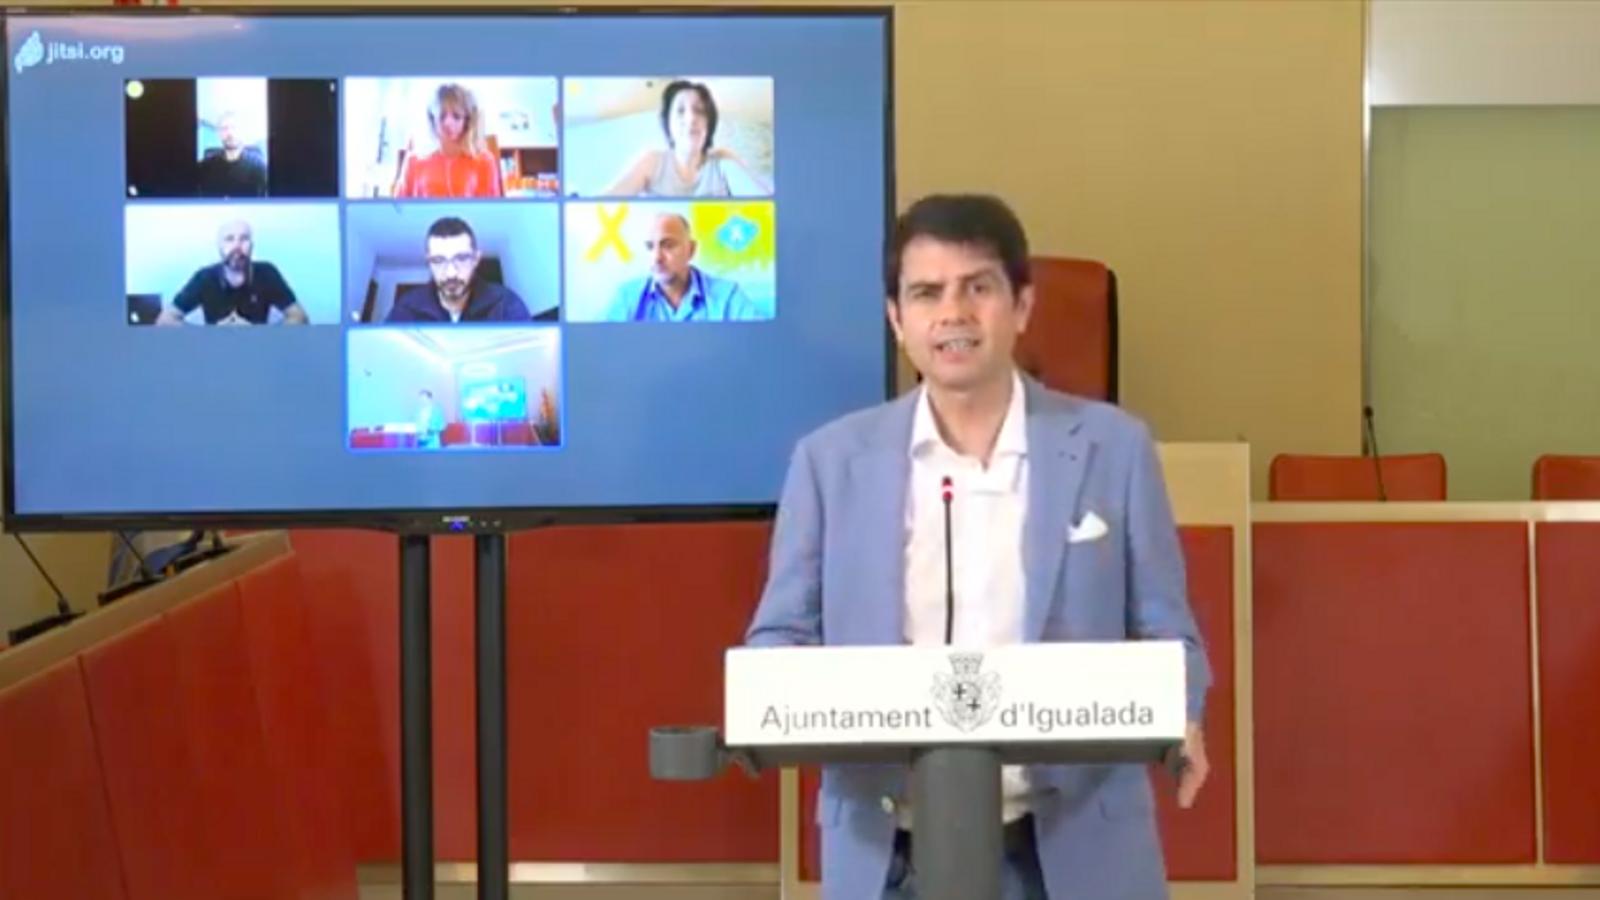 EN DIRECTE | Roda de premsa de l'alcalde d'Igualada, Marc Castells, per informar de l'evolució de les mesures de confinament